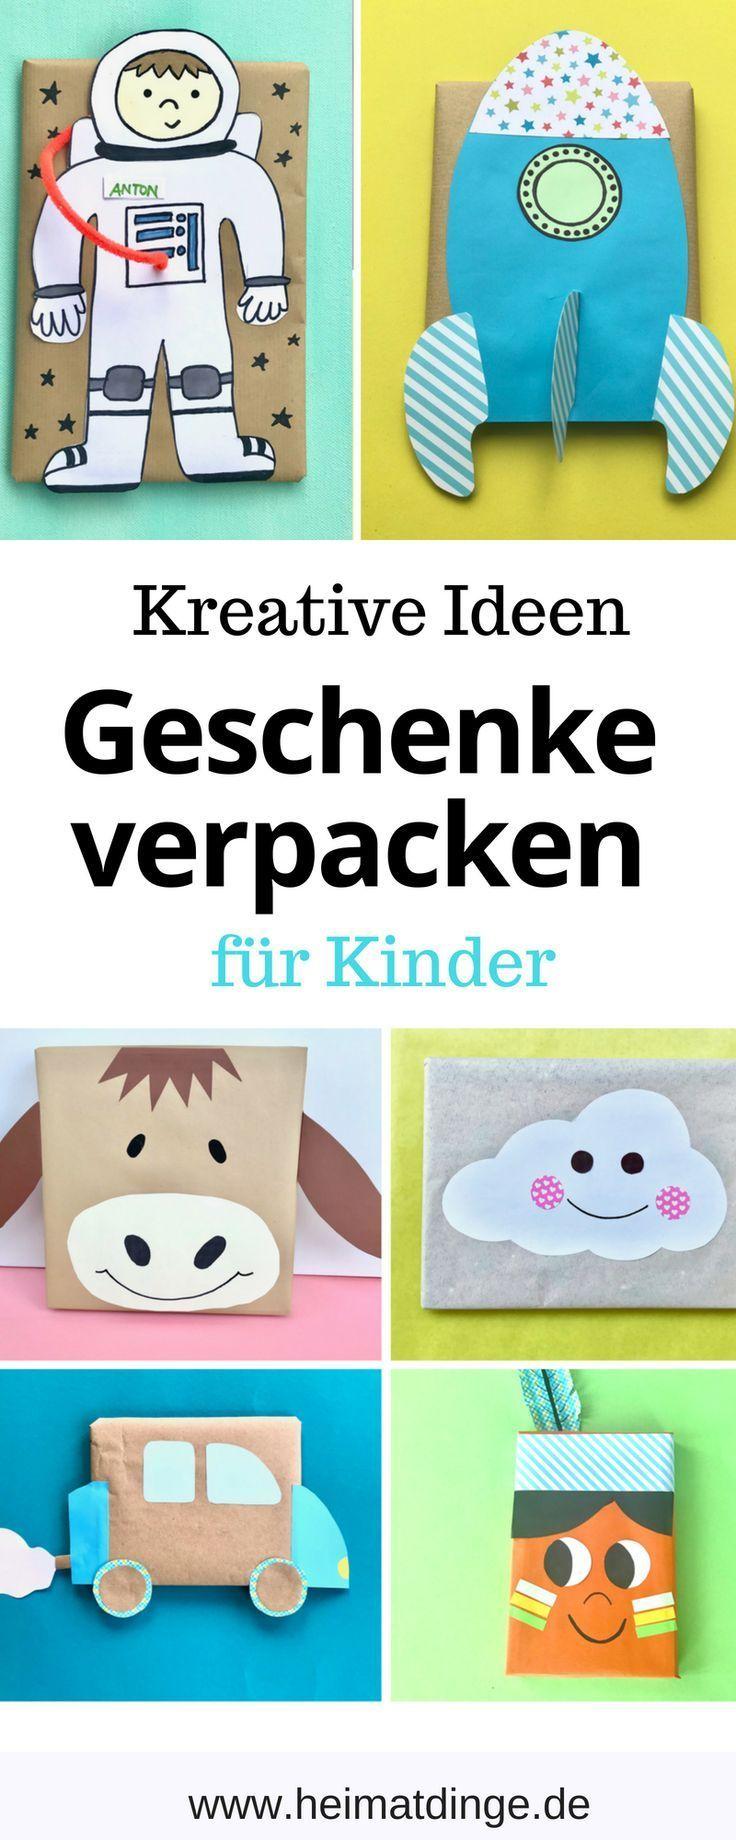 Geschenkverpackung Kindergeburtstag – 12 kreative und originelle Verpackungsideen für Kindergeschenke - % %